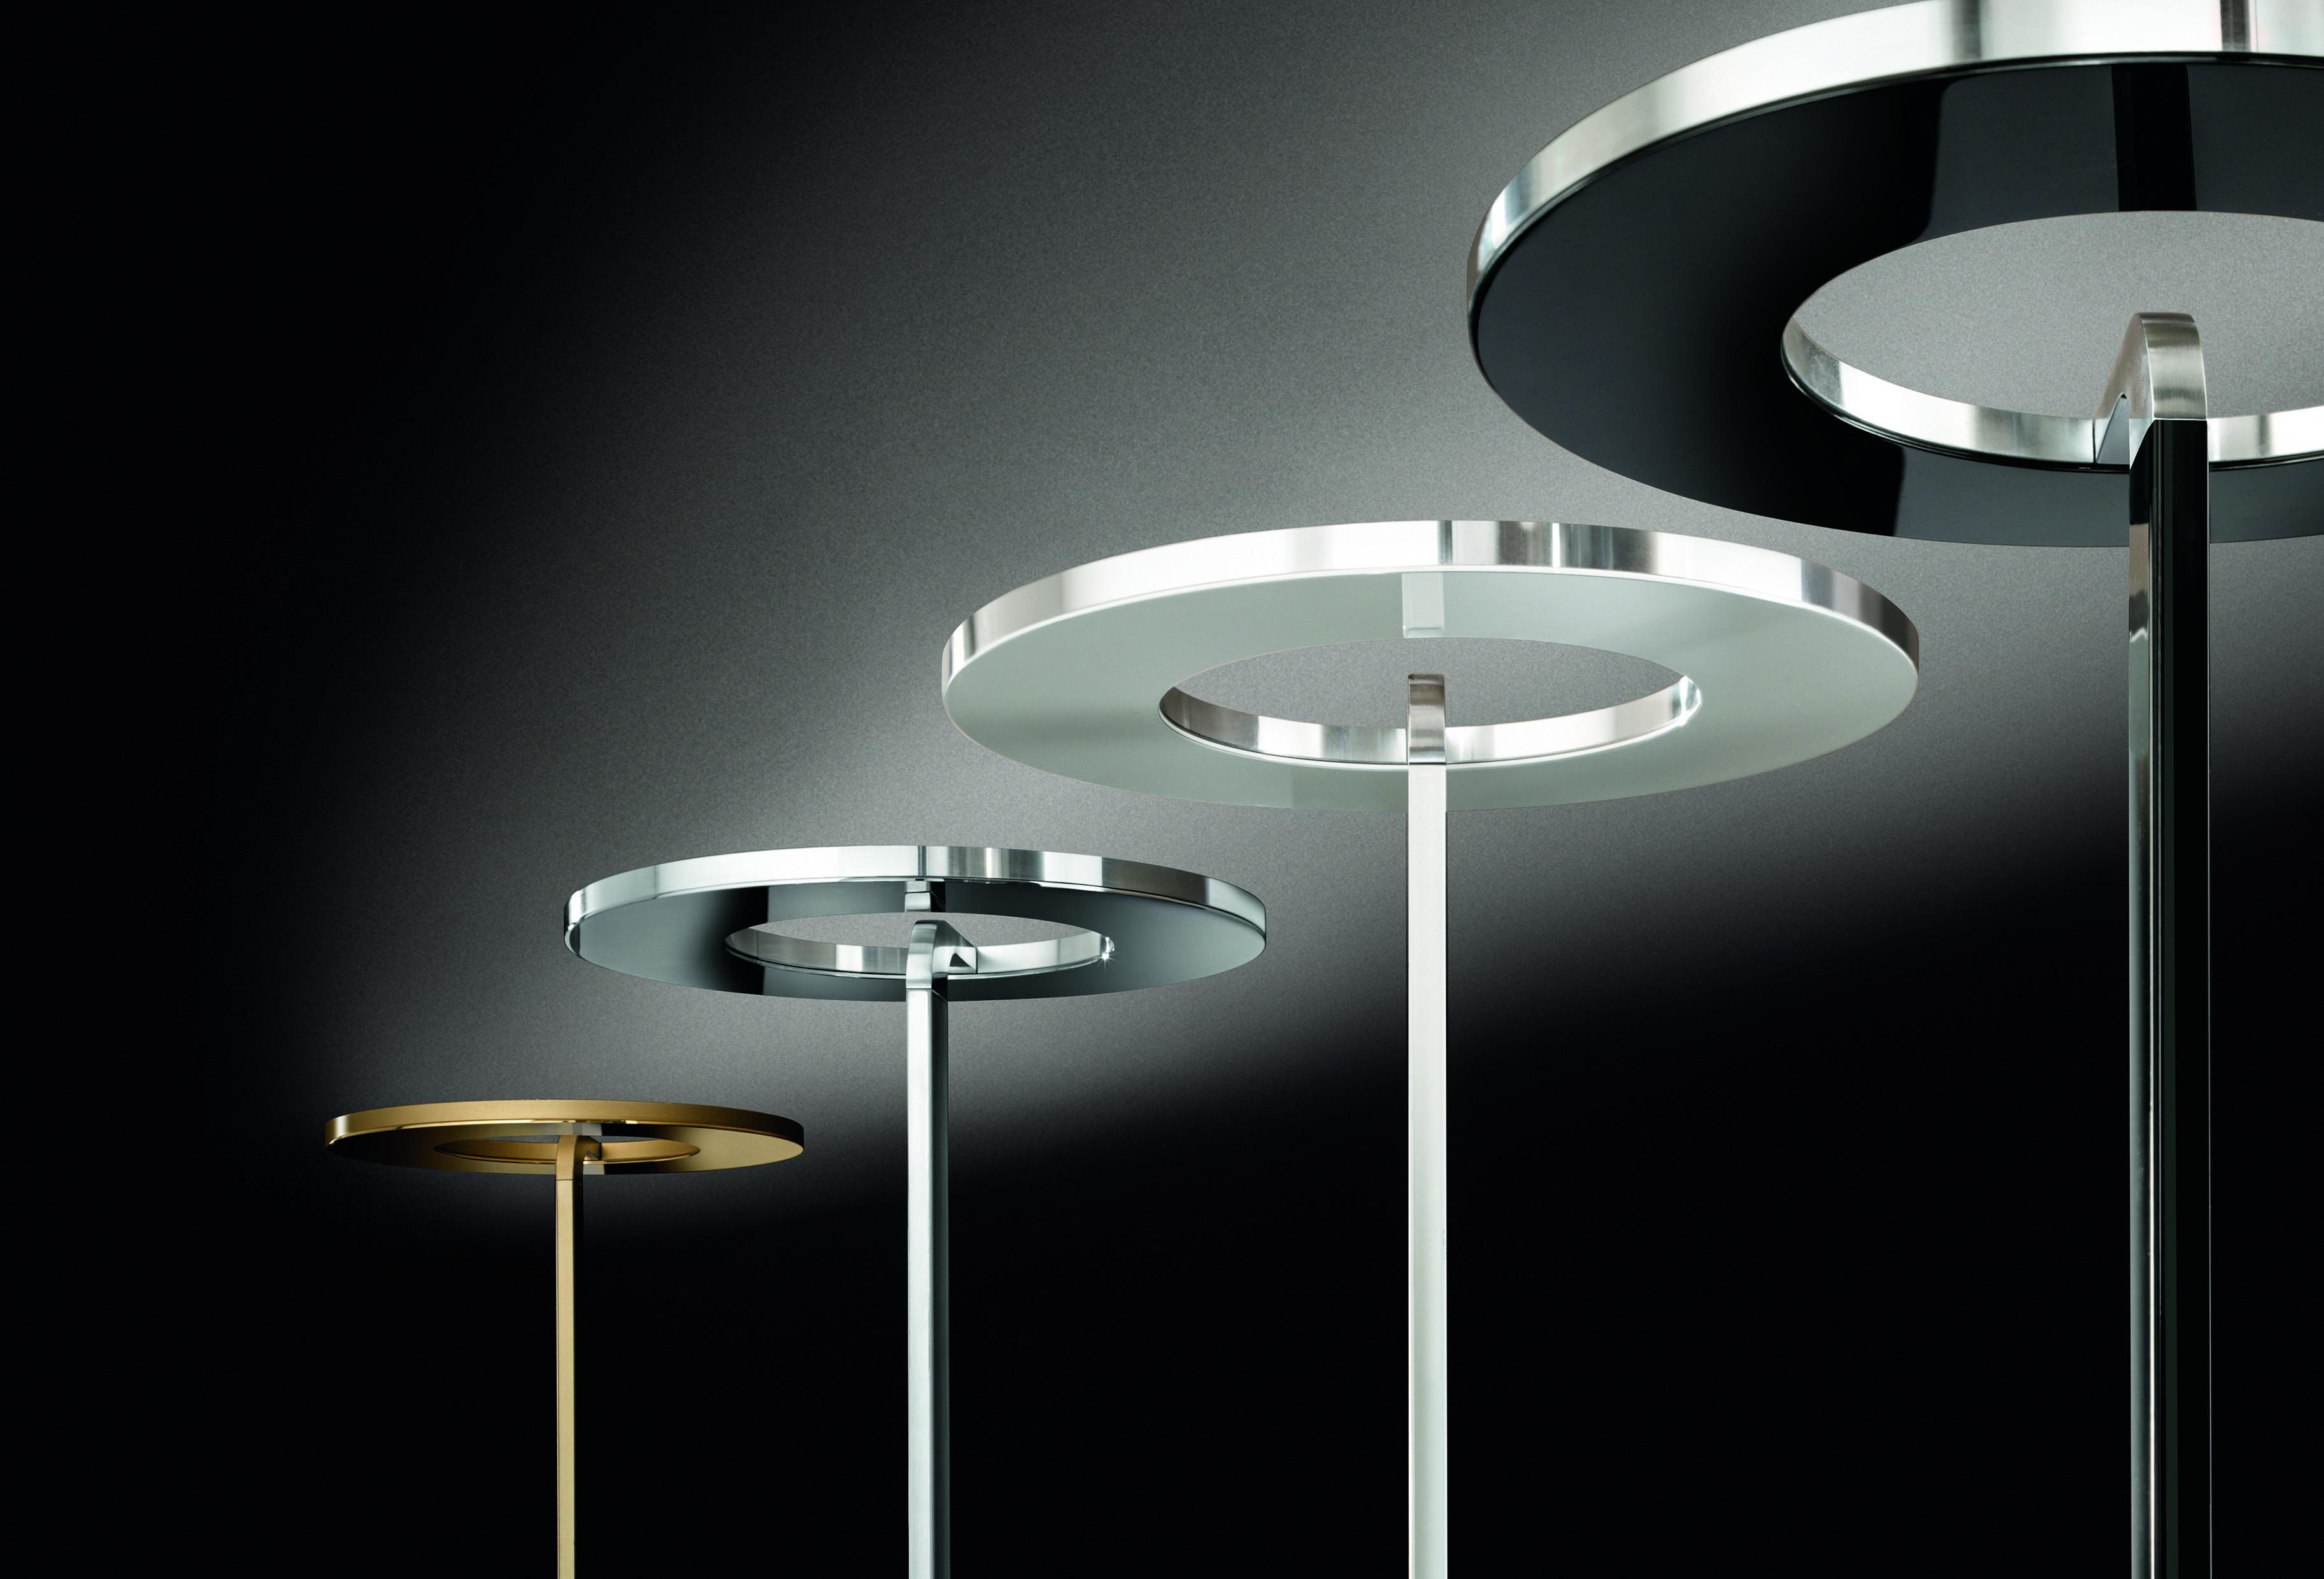 Lampadari E Plafoniere Abbinate : Lampada da terra a sorgente led dimmerabile per un illuminazione